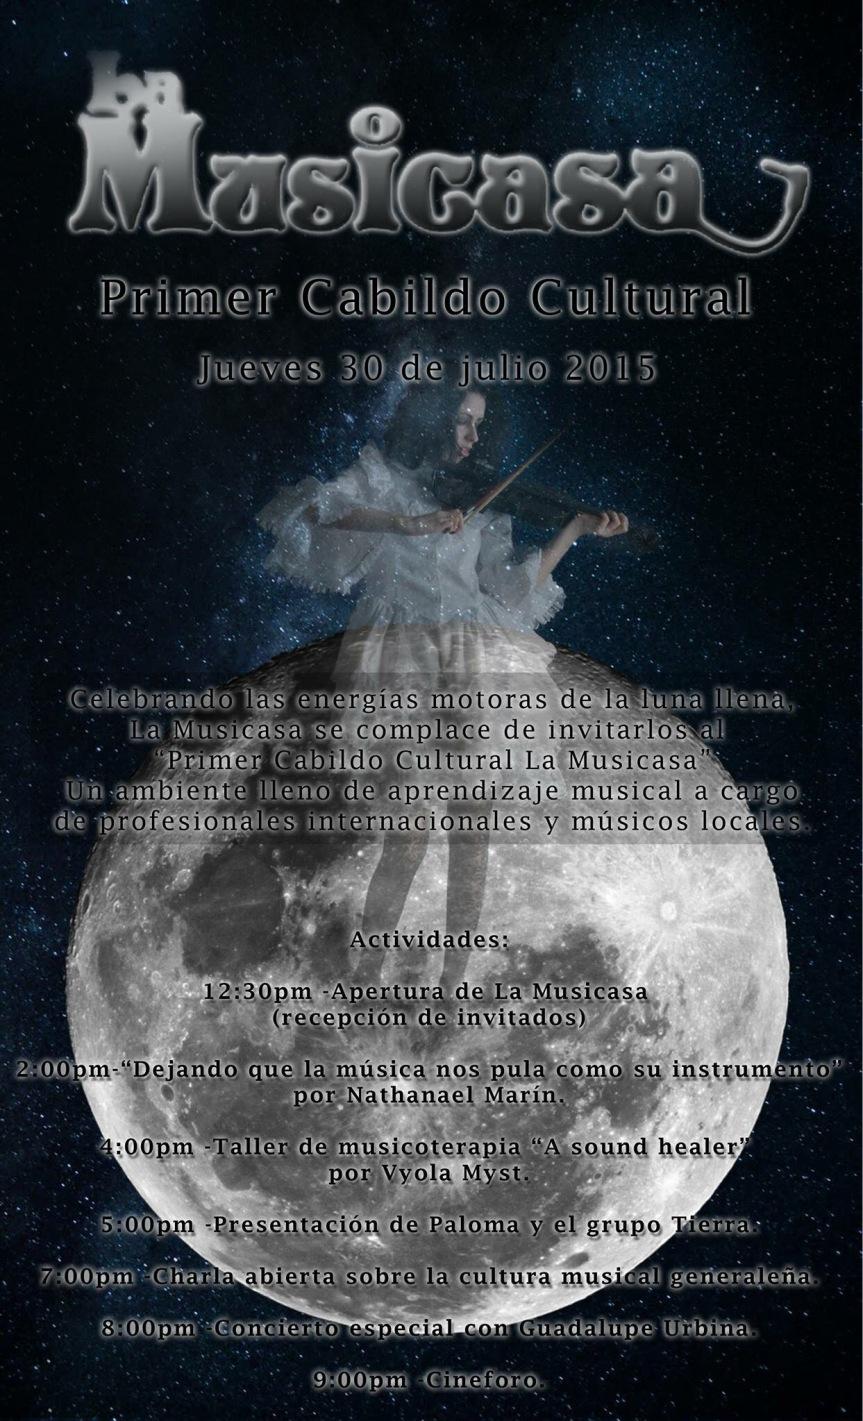 Recordando el primer Cabildo Cultural en LaMusicasa